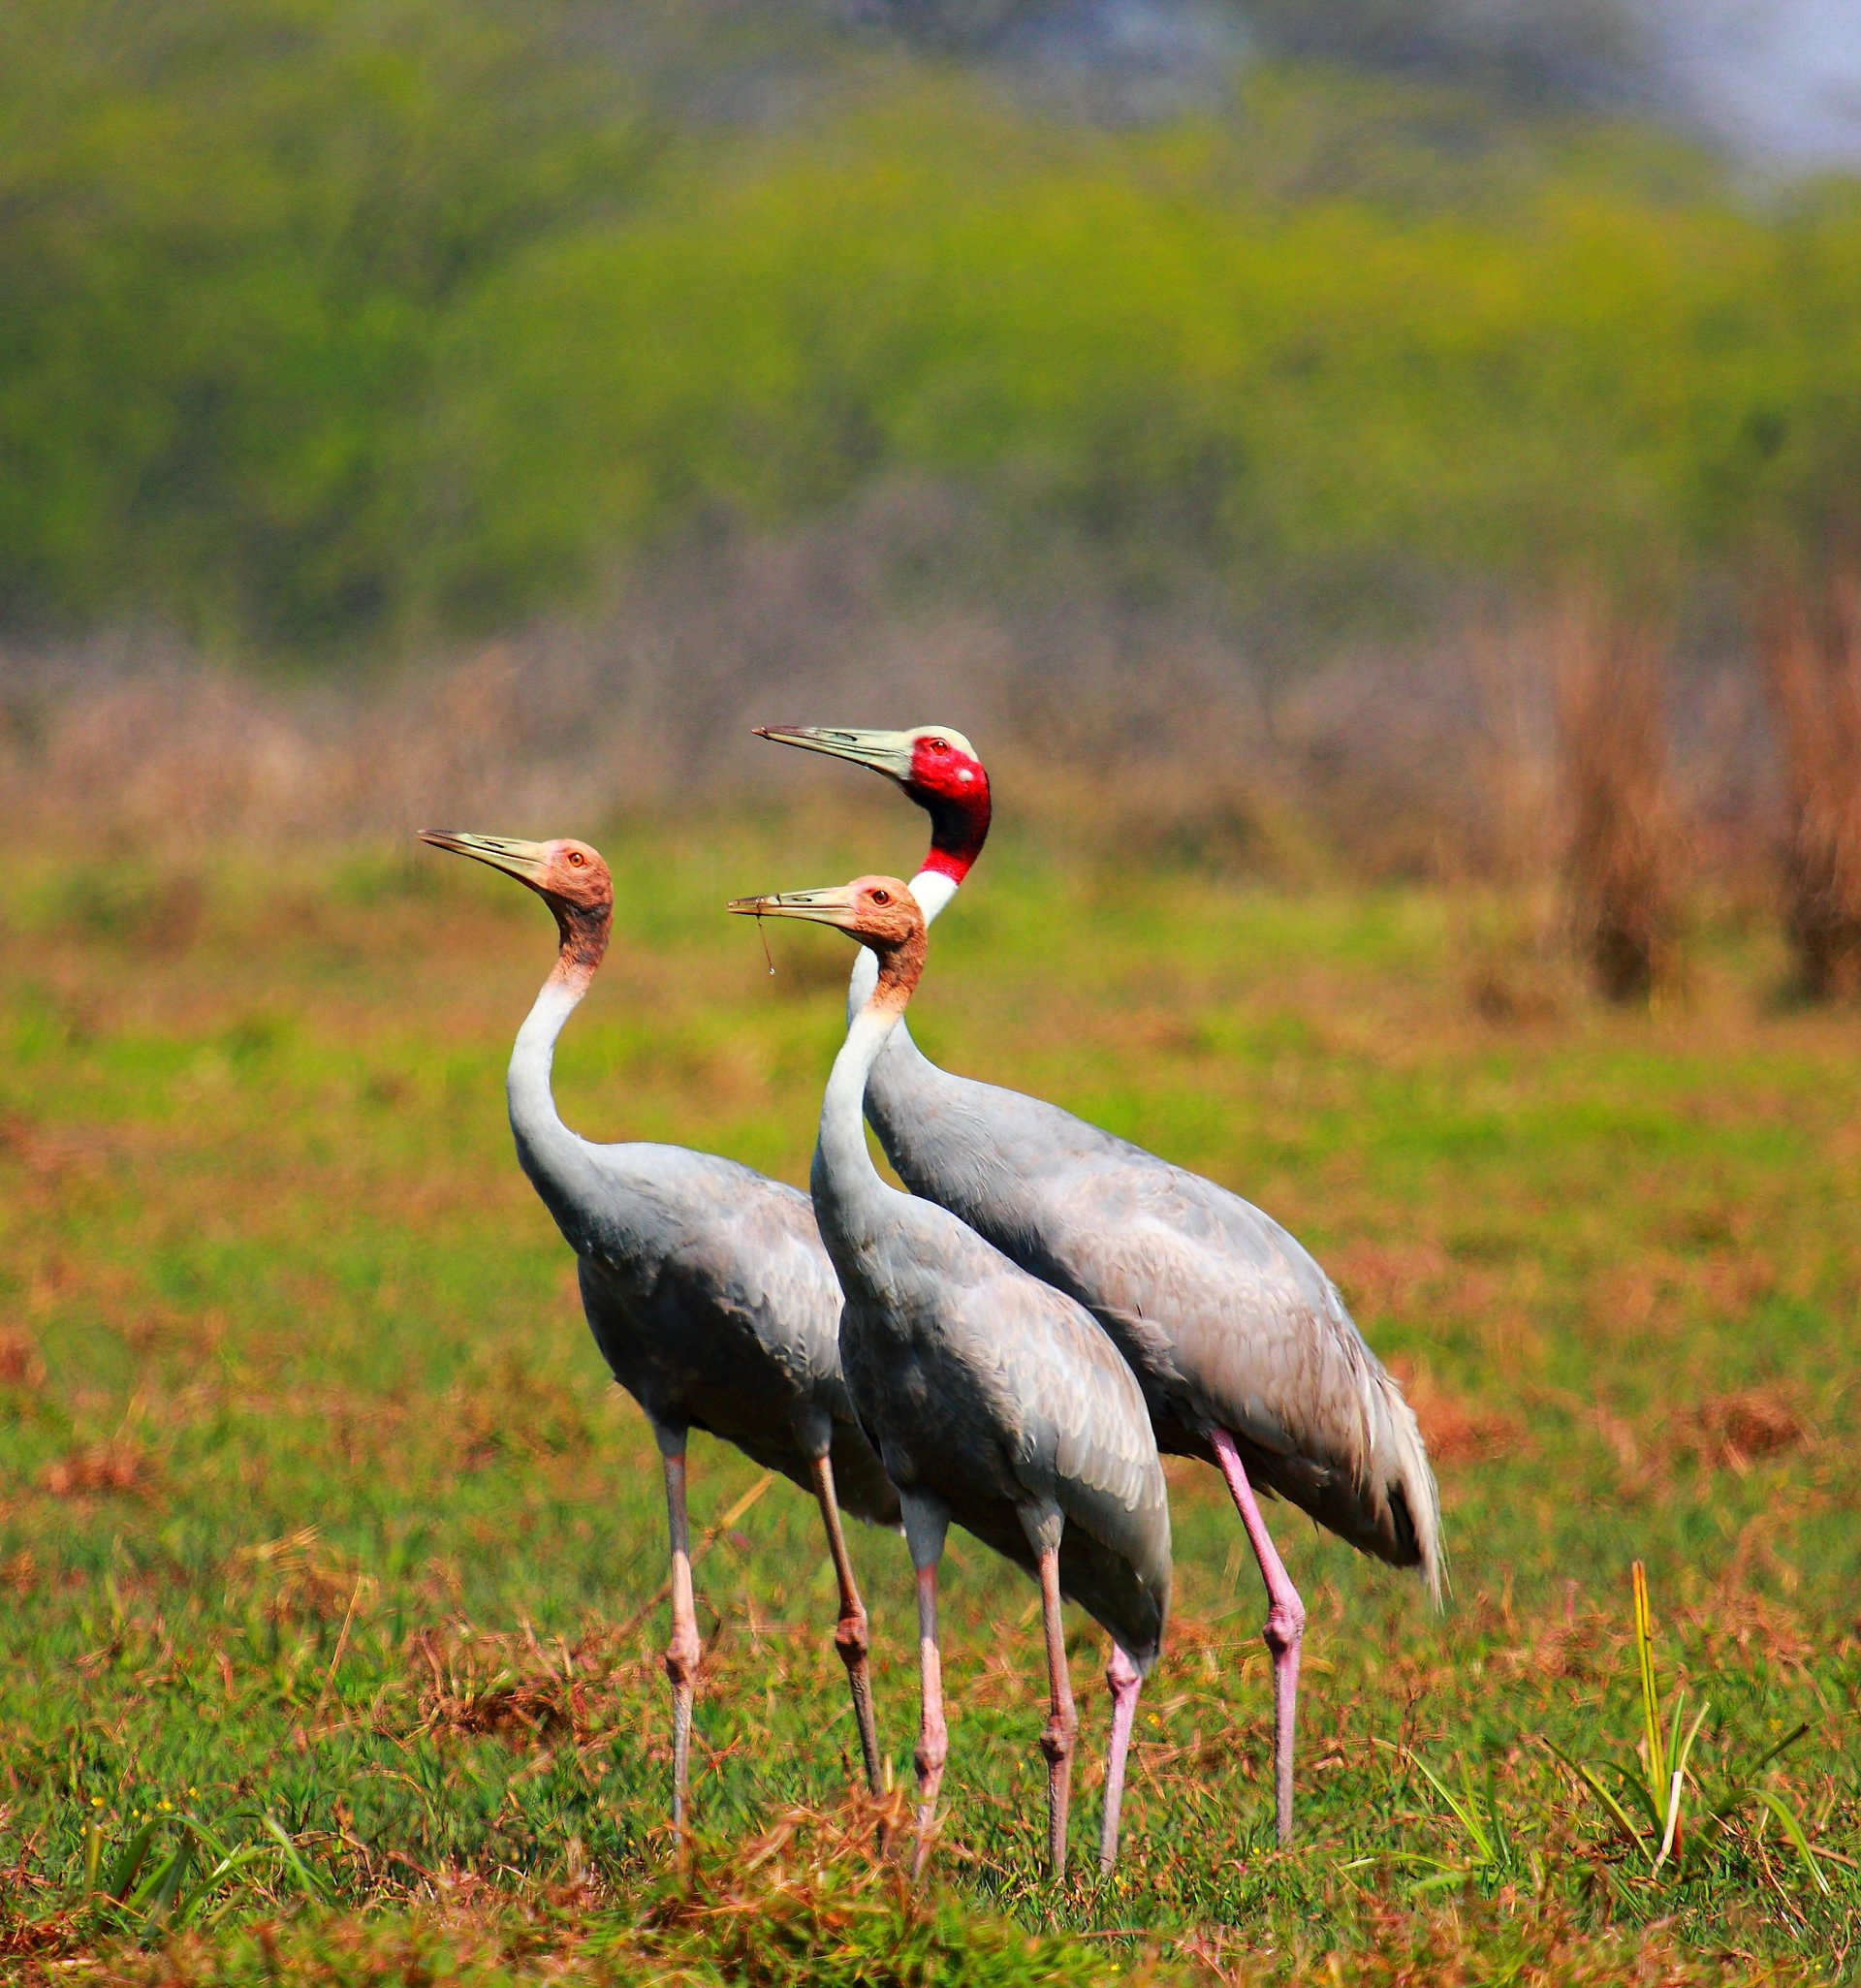 Eastern Sarus Cranes